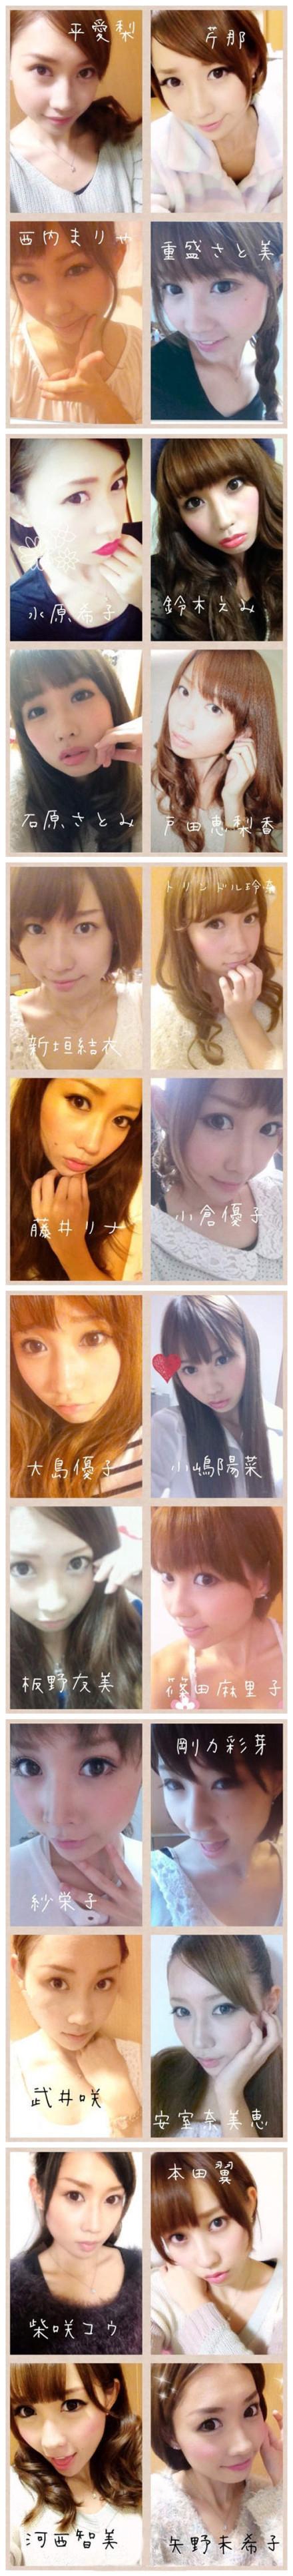 日本少女神奇化妝術 模仿24位女星妝容